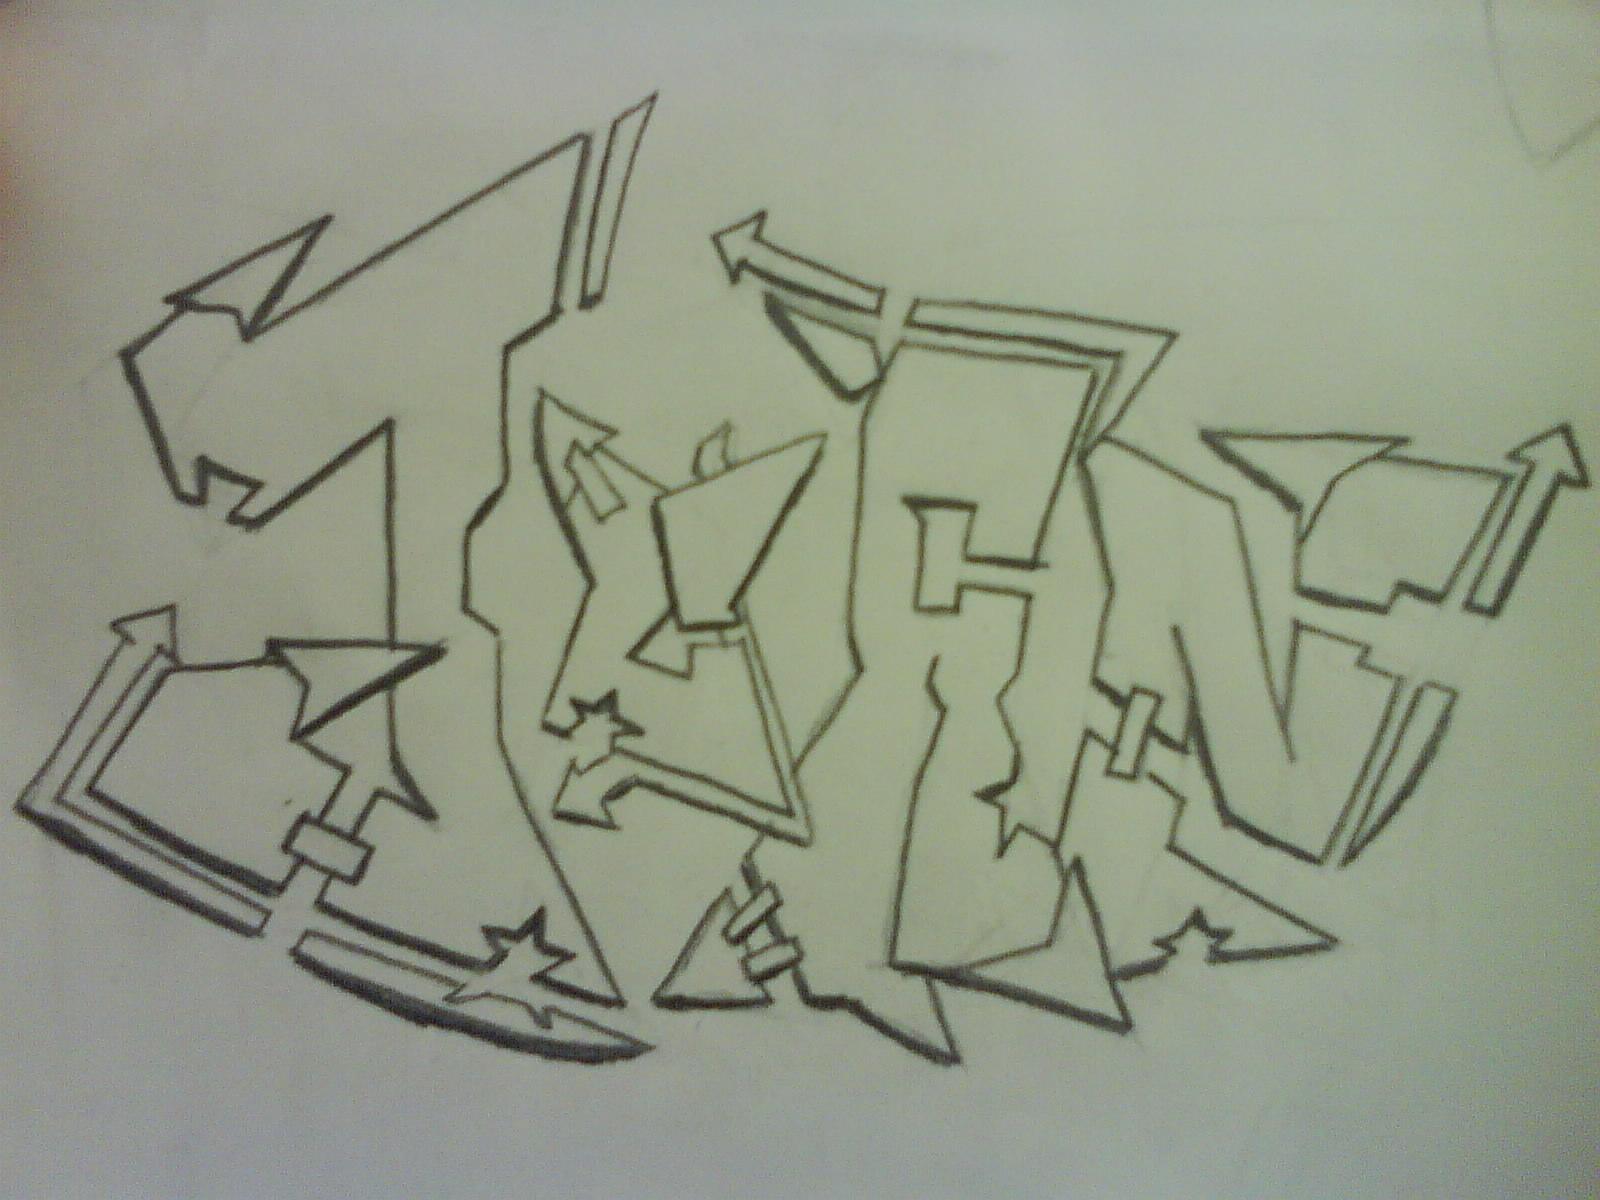 Juan-Sketched